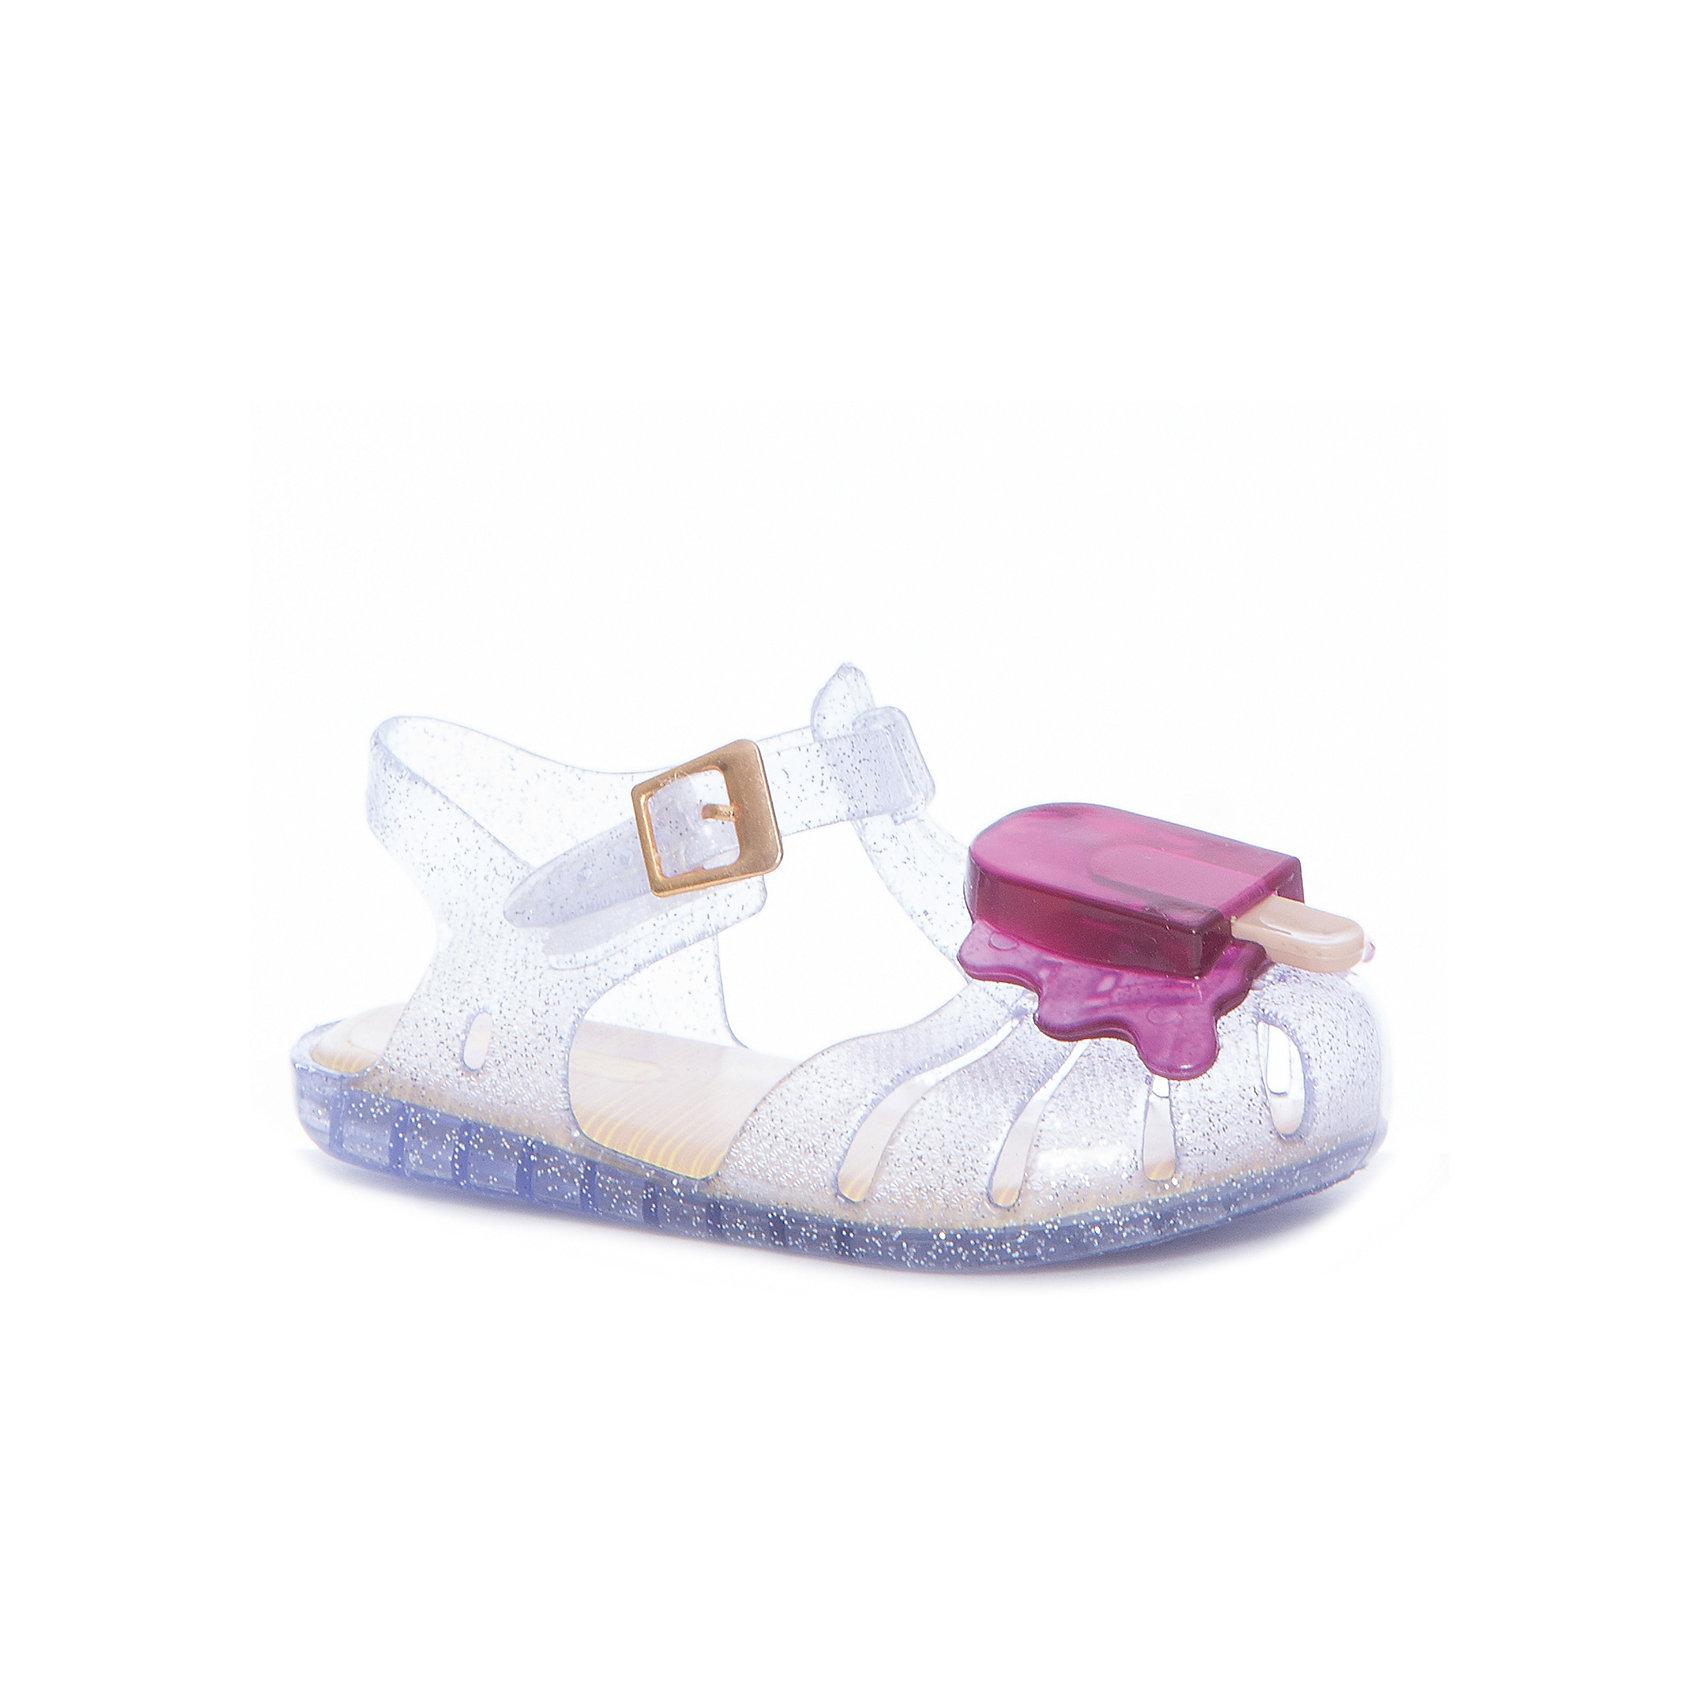 Сандалии для девочки VitacciПляжная обувь<br>Характеристики товара:<br><br>• цвет: фиолетовый<br>• материал вверха: силикон<br>• материал подкладки: нет<br>• материал подошвы: резина<br>• застежка: пряжка<br>• объемное украшение мороженое<br>• закрытый мысок<br>• сезон: лето<br>• страна бренда: Италия<br><br>Обувь от европейского бренда Vitacci - это пример стильного итальянского дизайна и отличного качества. <br><br>Подарите своем у ребенку модную и комфортную обувь от Vitacci!<br><br>Сандалии для девочки от бренда Vitacci (Витачи) можно купить в нашем интернет-магазине.<br><br>Ширина мм: 227<br>Глубина мм: 145<br>Высота мм: 124<br>Вес г: 325<br>Цвет: фиолетовый<br>Возраст от месяцев: 72<br>Возраст до месяцев: 84<br>Пол: Женский<br>Возраст: Детский<br>Размер: 30,28/29,31,24,25/26,27<br>SKU: 5401648